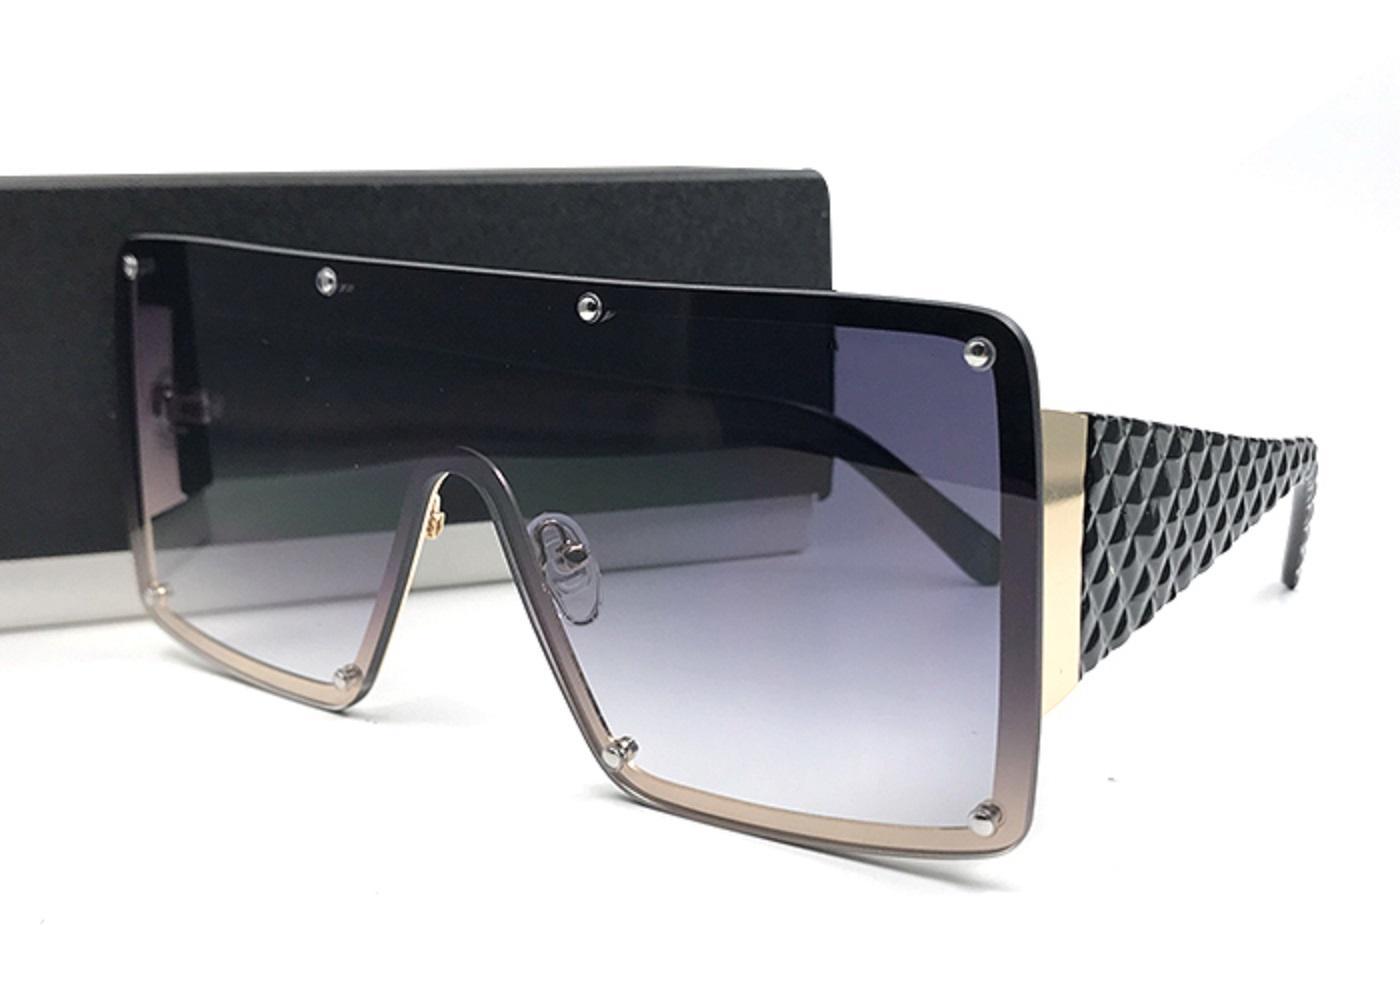 النساء النظارات الشمسية الفاخرة كبيرة مربع برشام الإطار أنيقة تصميم خاص المعتاد عدسة oculos دي سول مع القضية